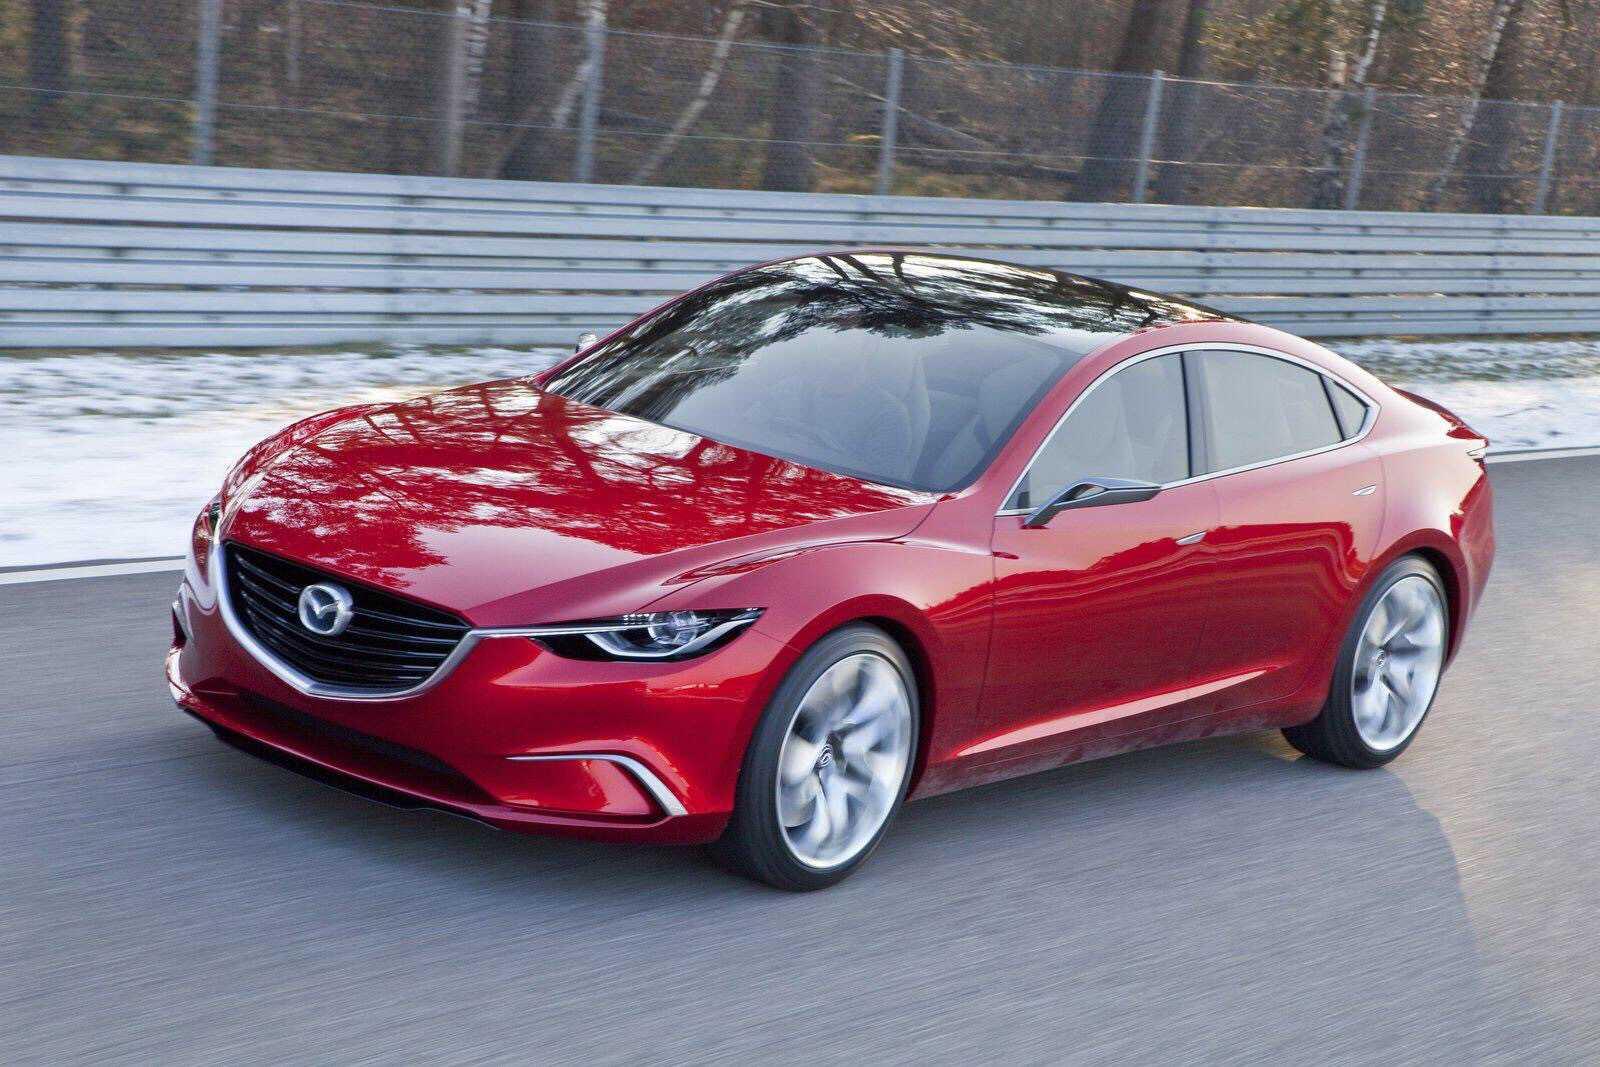 Рейтинг 2020 надежных авто из китая, продаваемых в россии, отзывы специалистов